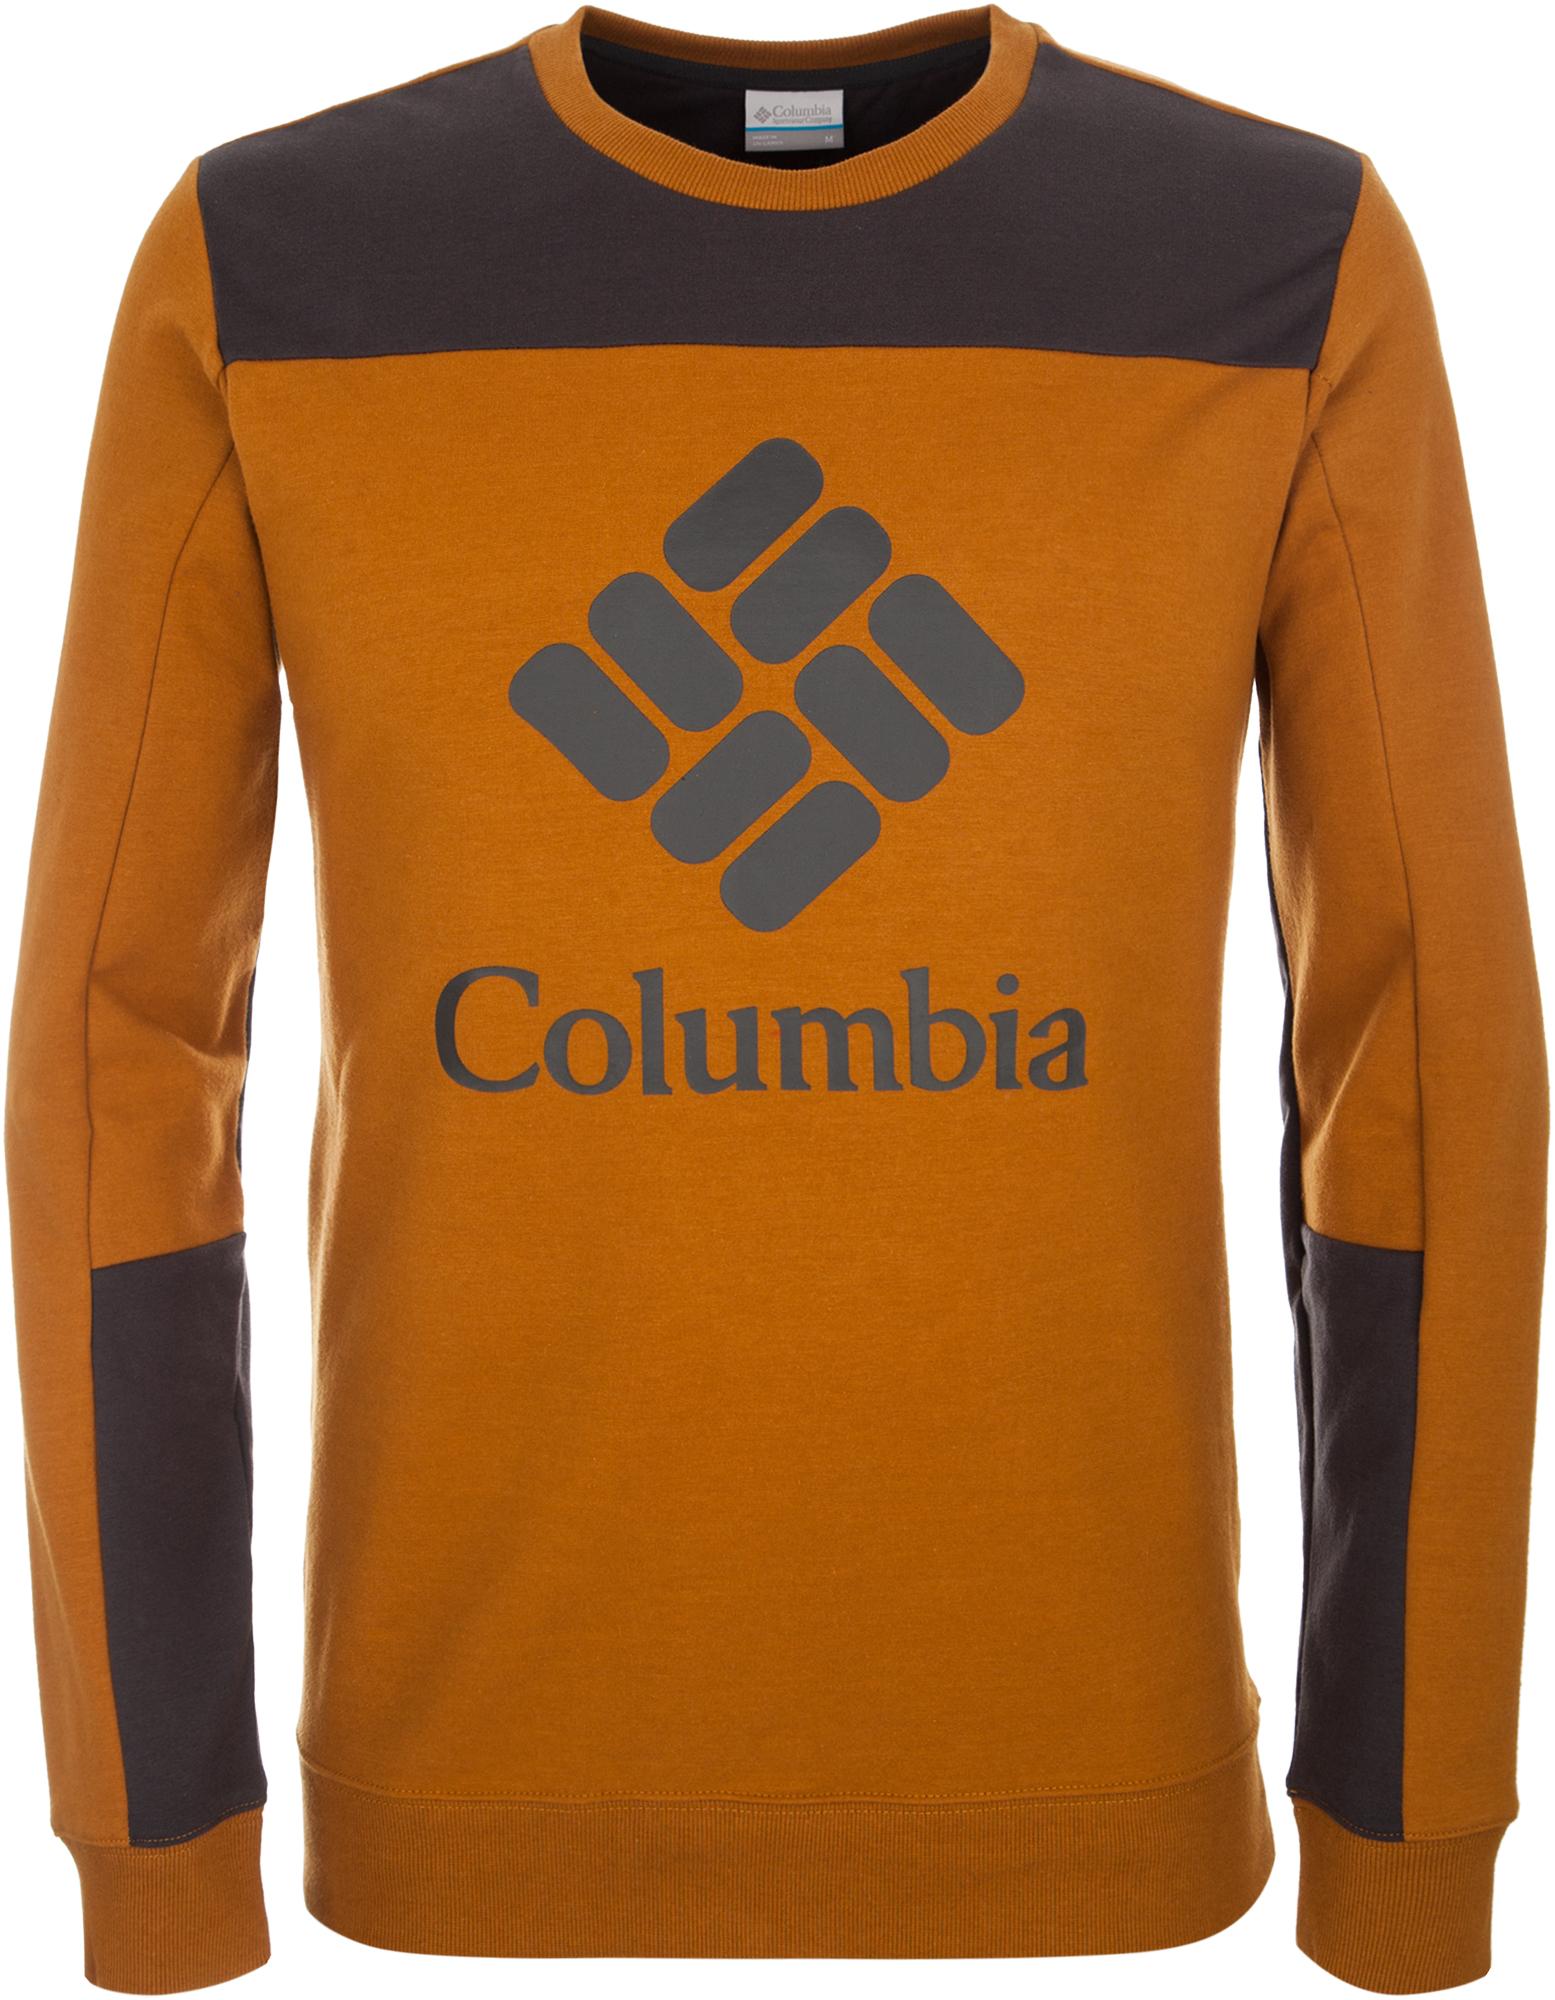 Columbia Свитшот мужской Lodge, размер 52-54